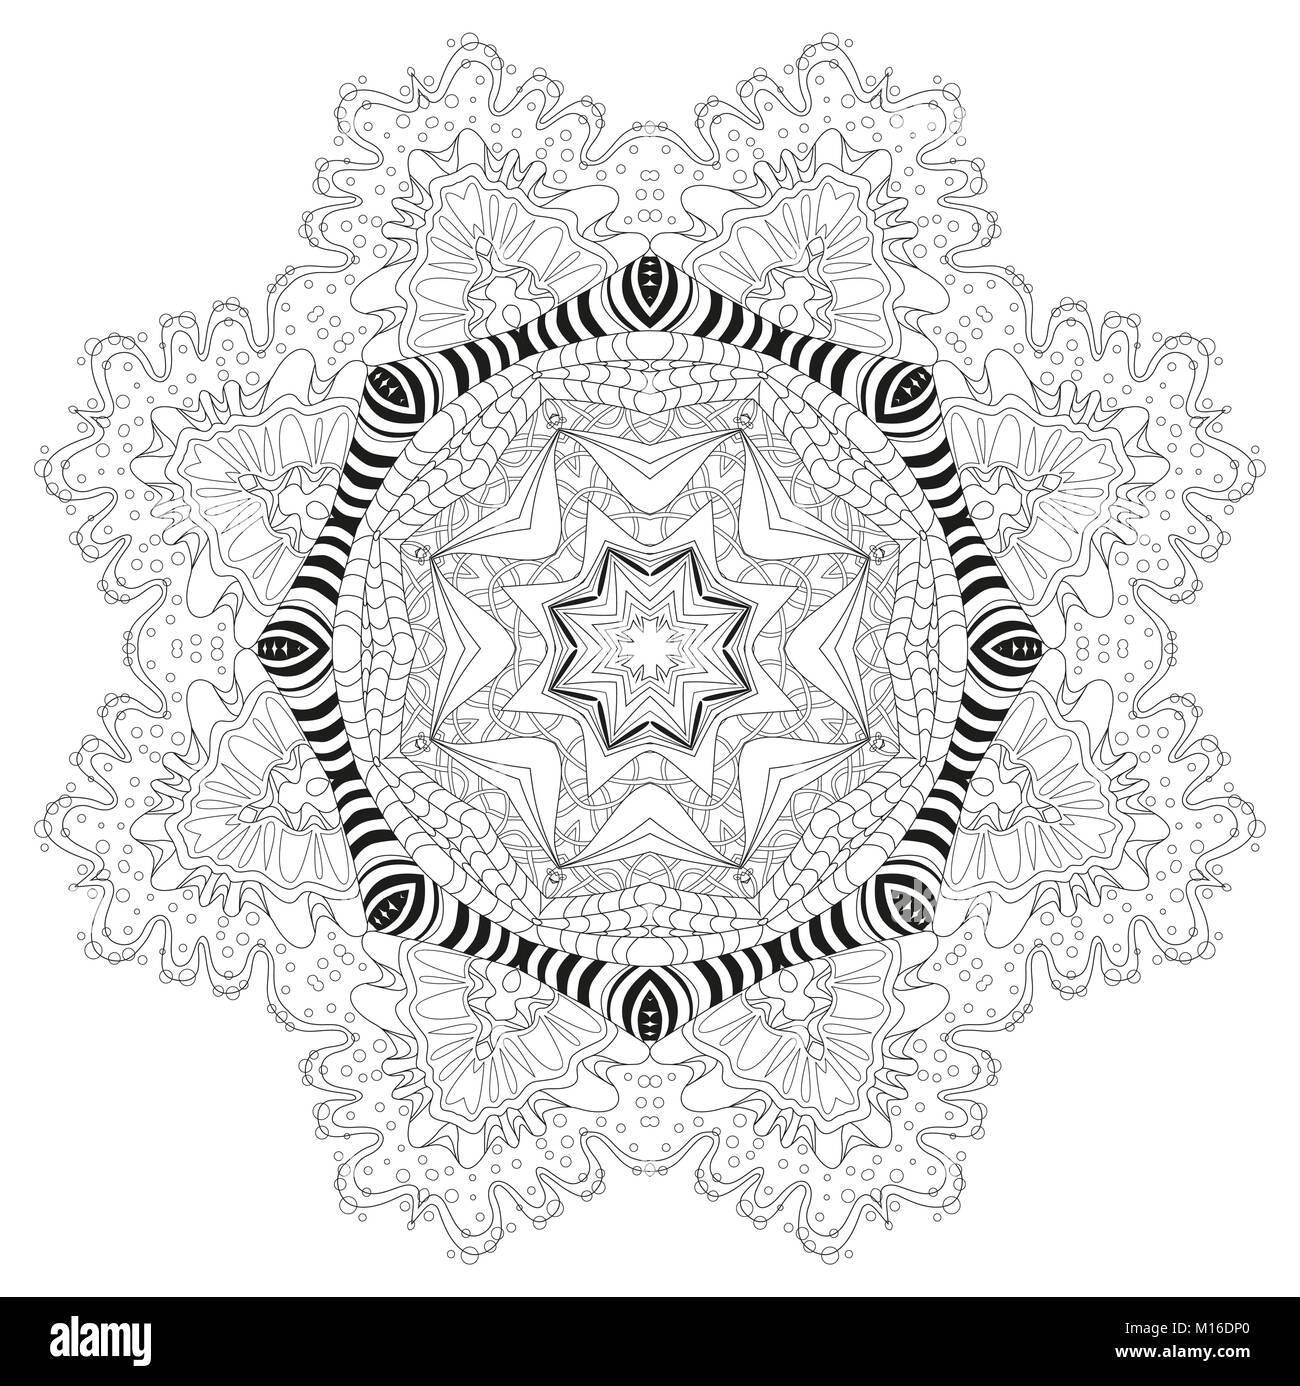 Tolle Schwarz Weiß Malvorlagen Von Designs Zeitgenössisch - Entry ...